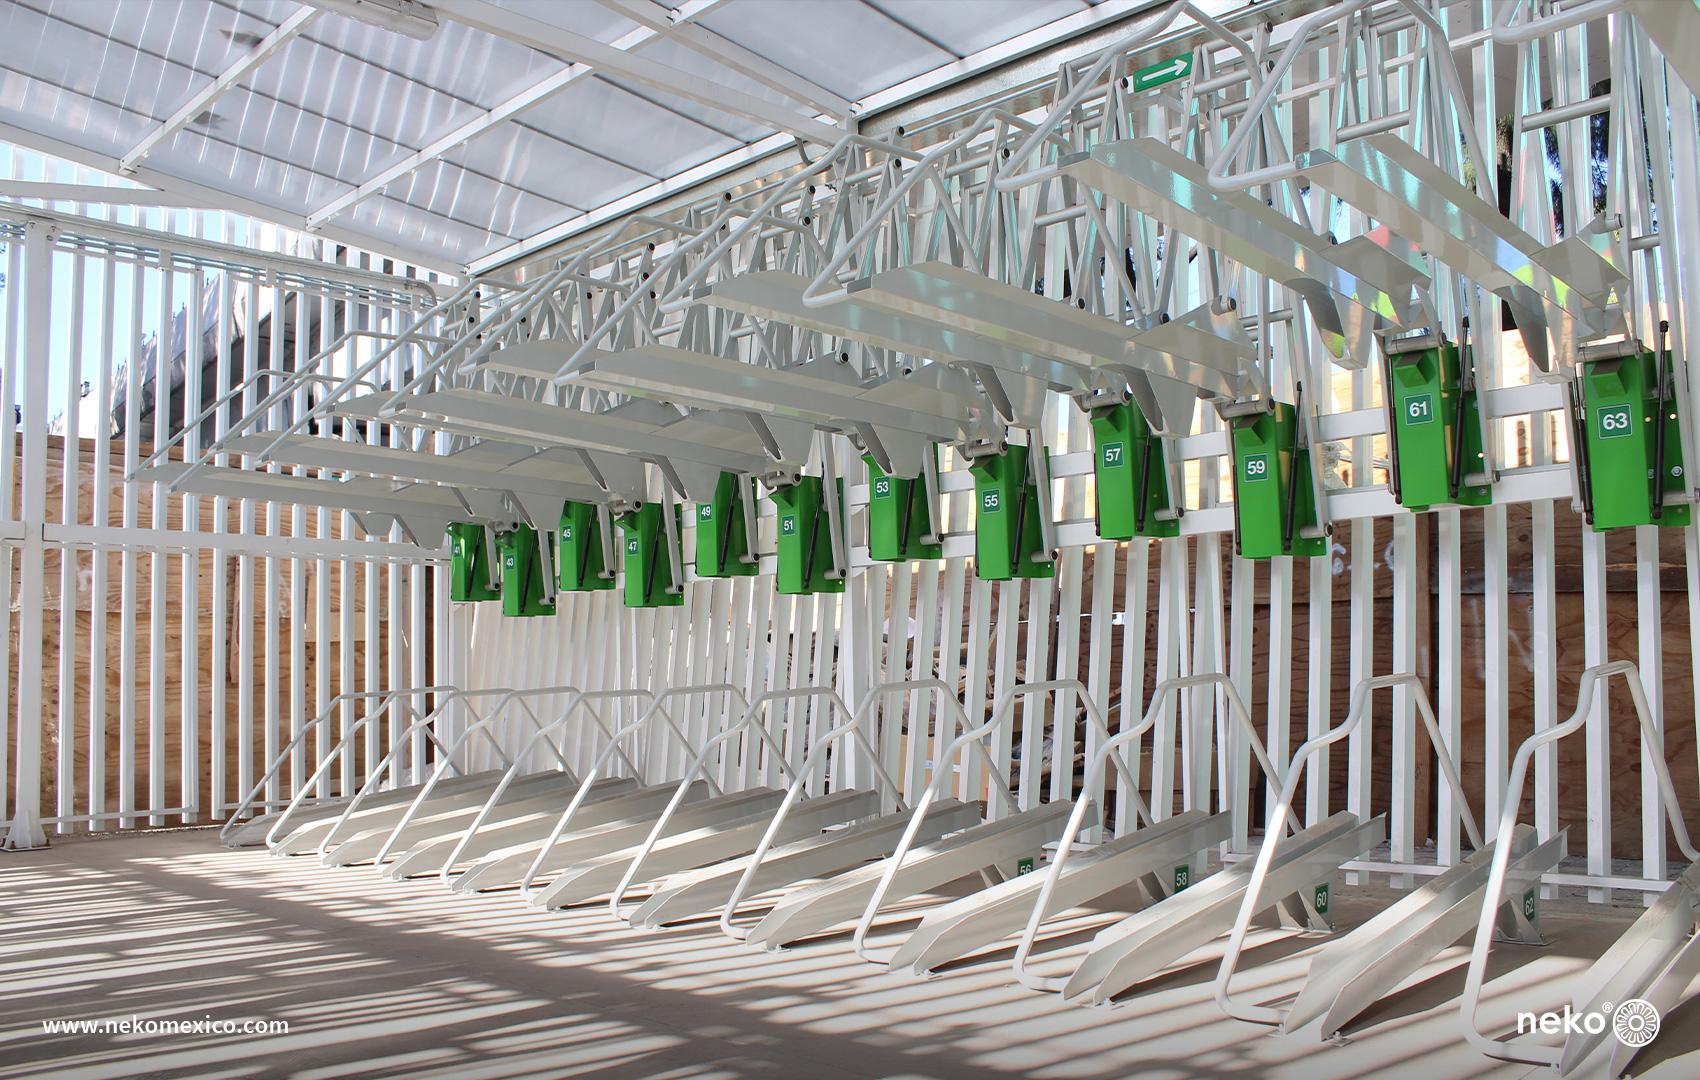 MUE-16-08 - Aparcabicicletas asistido de doble piso